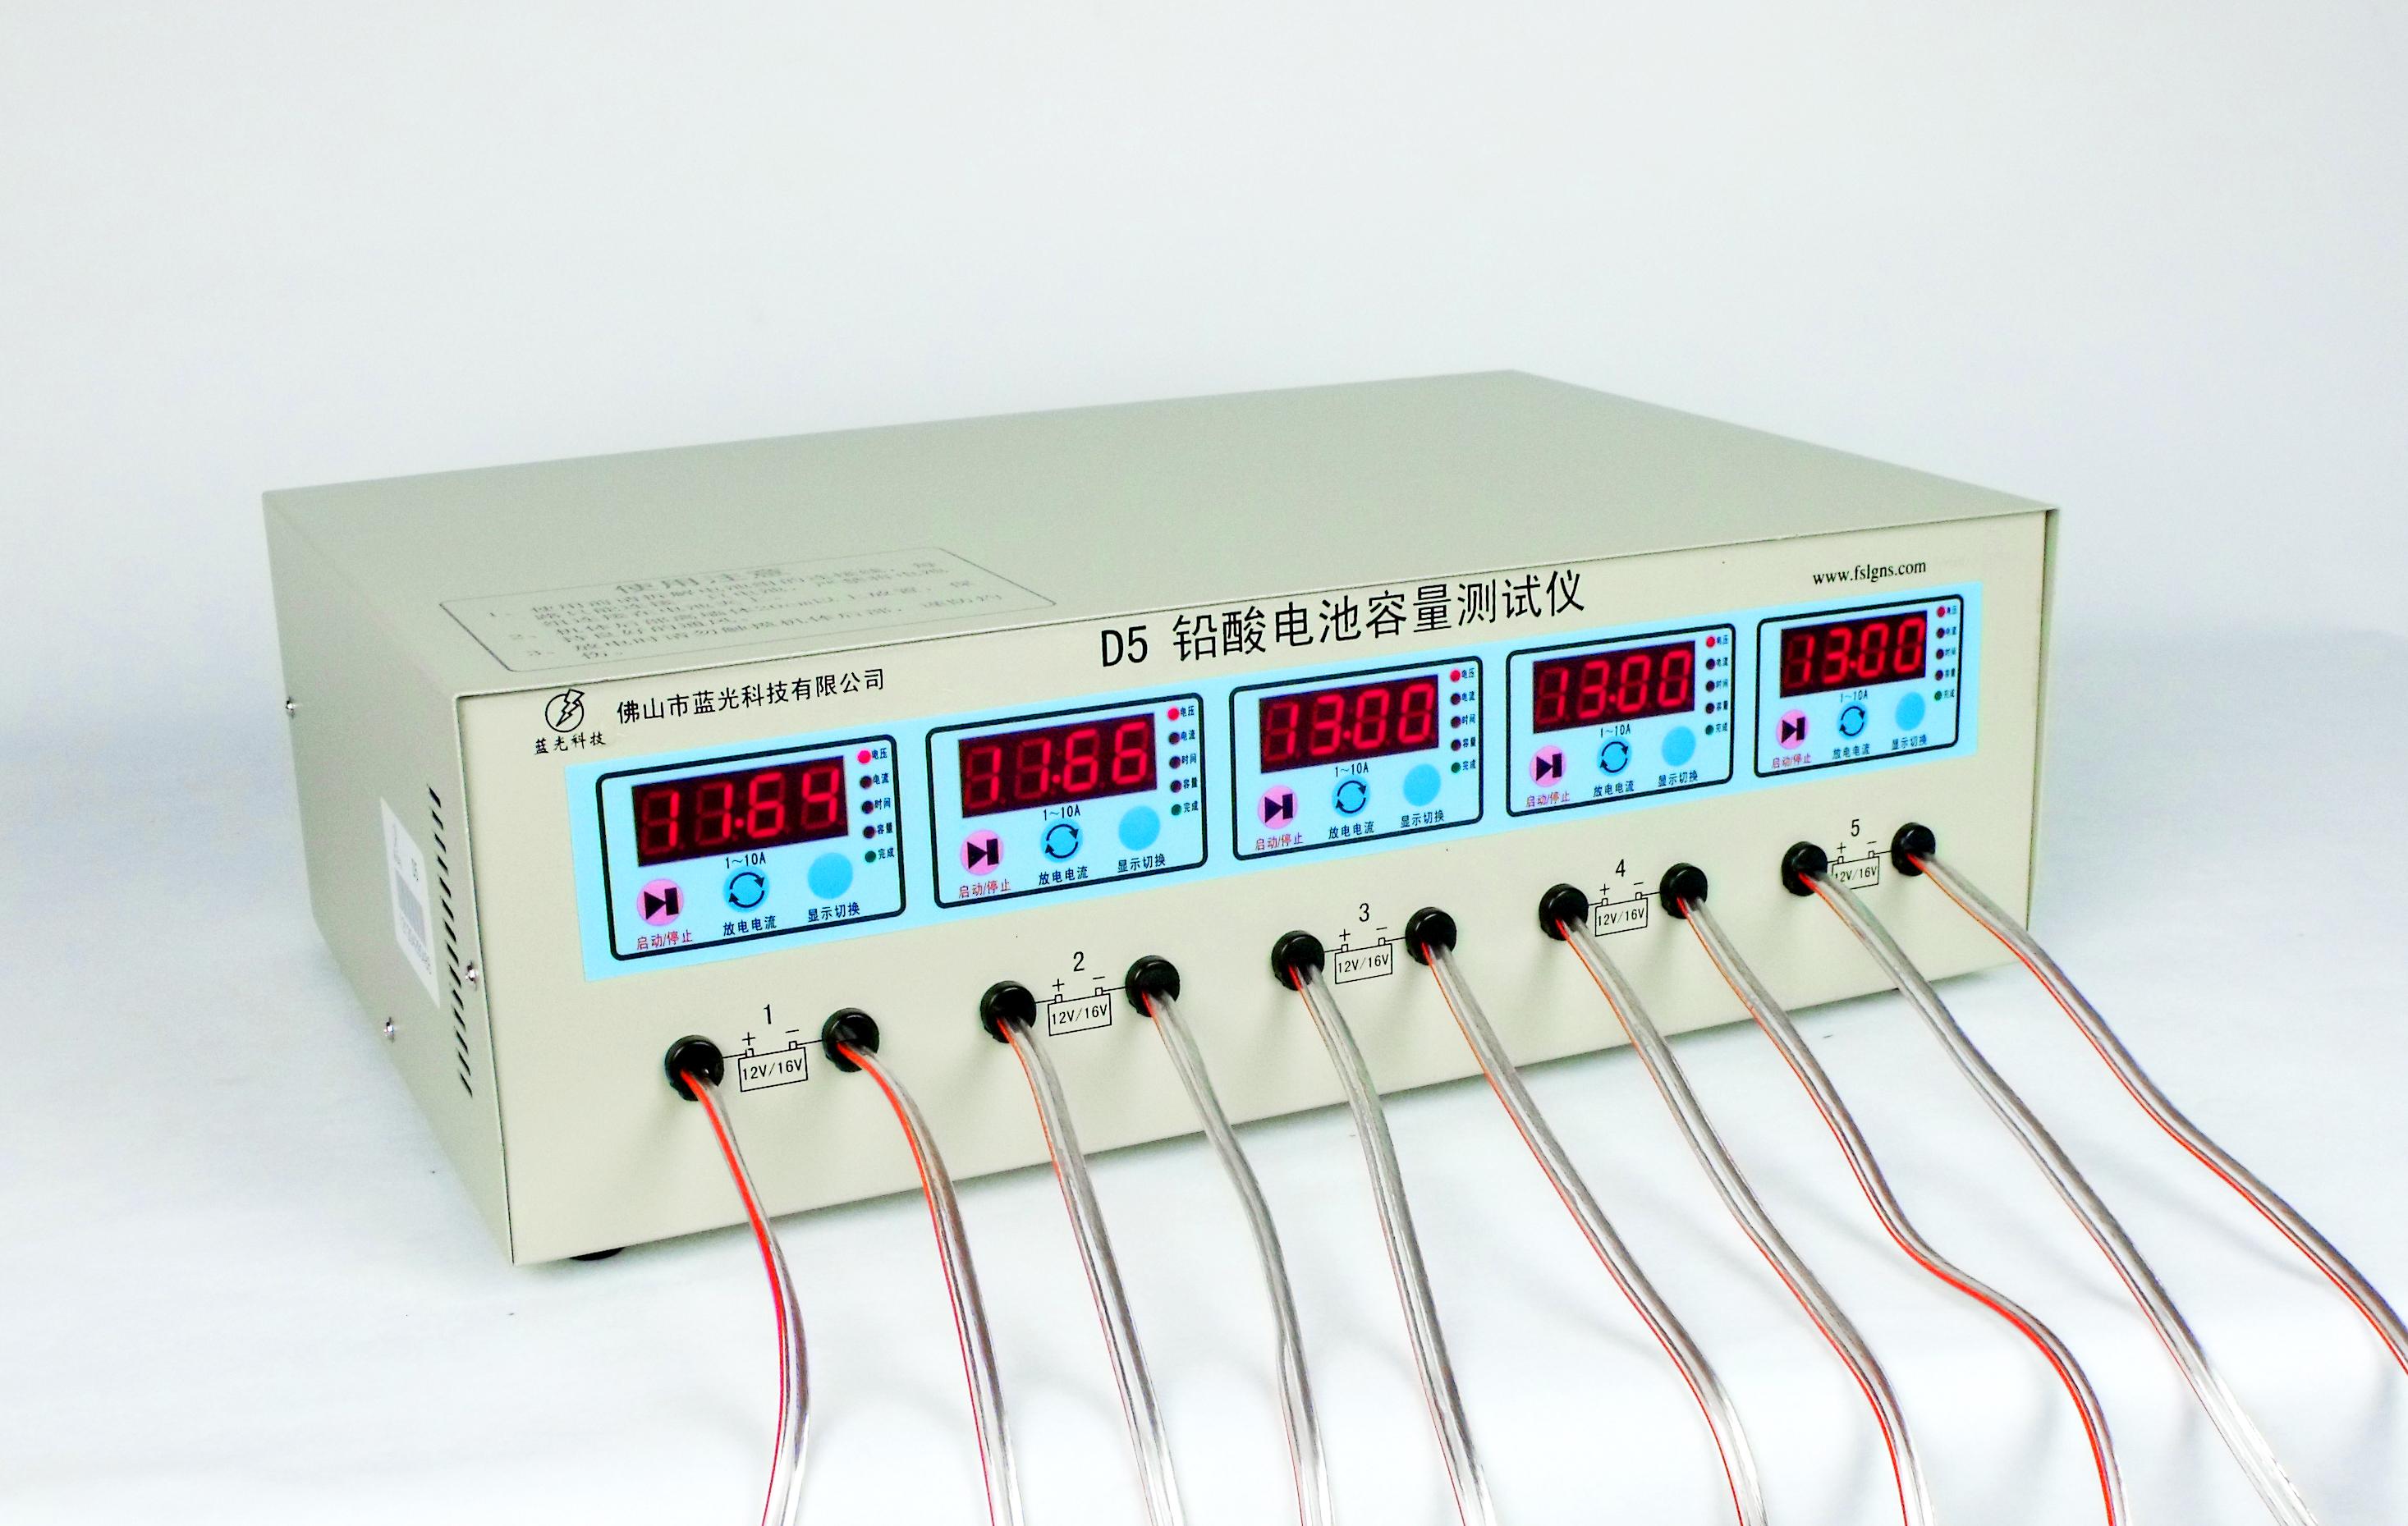 蓝光5路蓄电池放电检测仪d5|电动车电池检测仪|蓝光